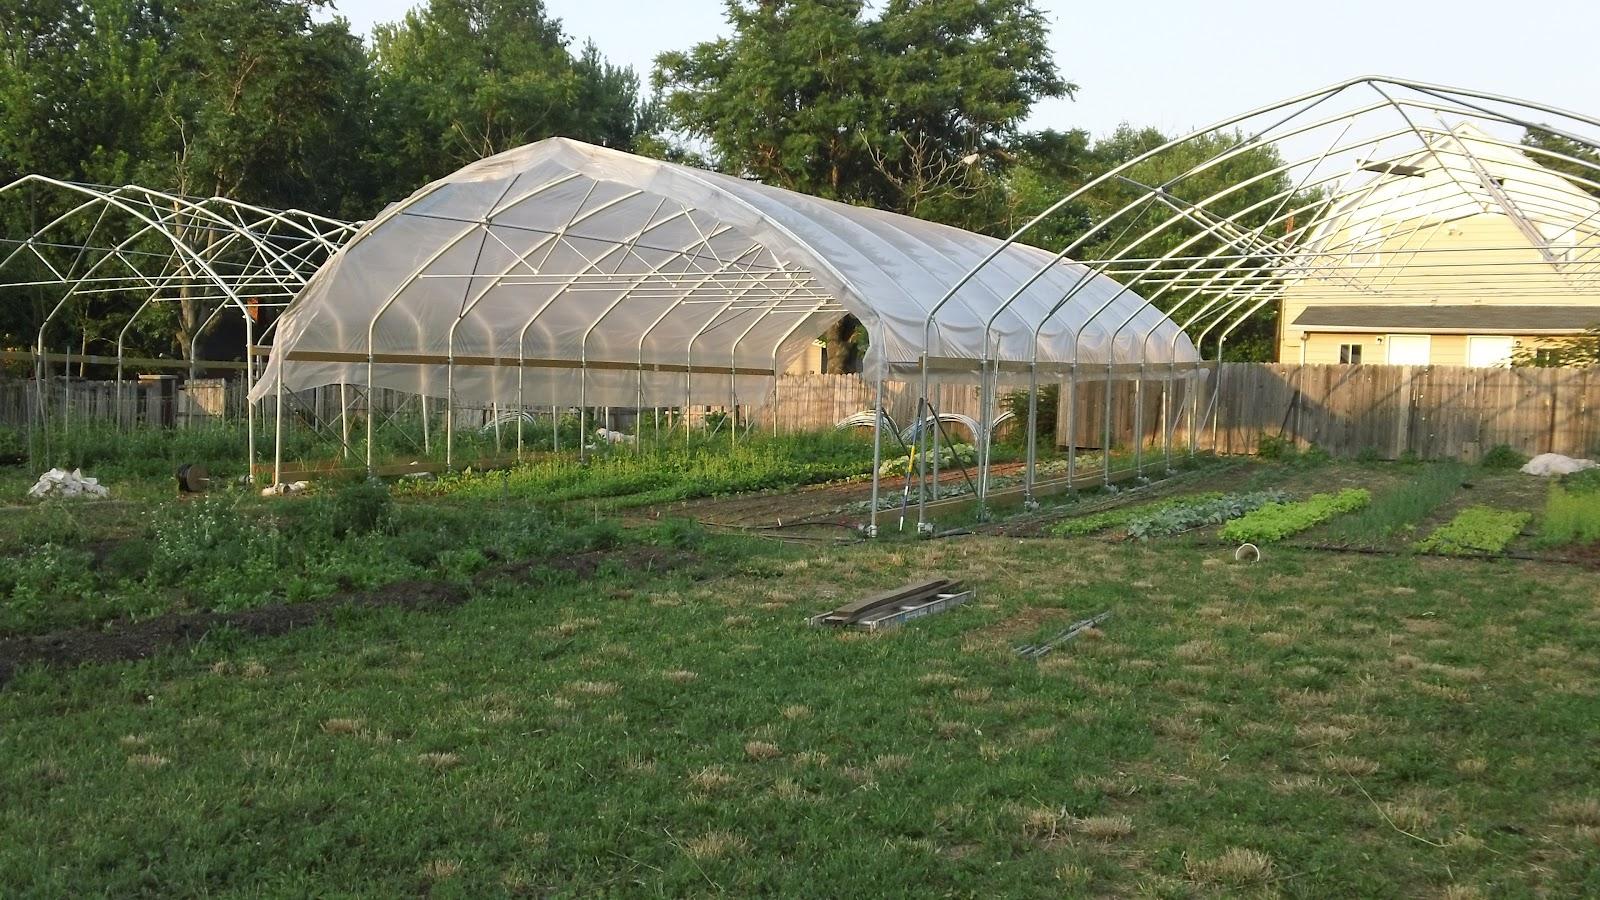 http://4.bp.blogspot.com/-jPHyr01T_2A/T1YkqsVWwiI/AAAAAAAAA5Y/UIWT8hIPXyU/s1600/high+tunnels+2+Urban+Roots+Farm.JPG